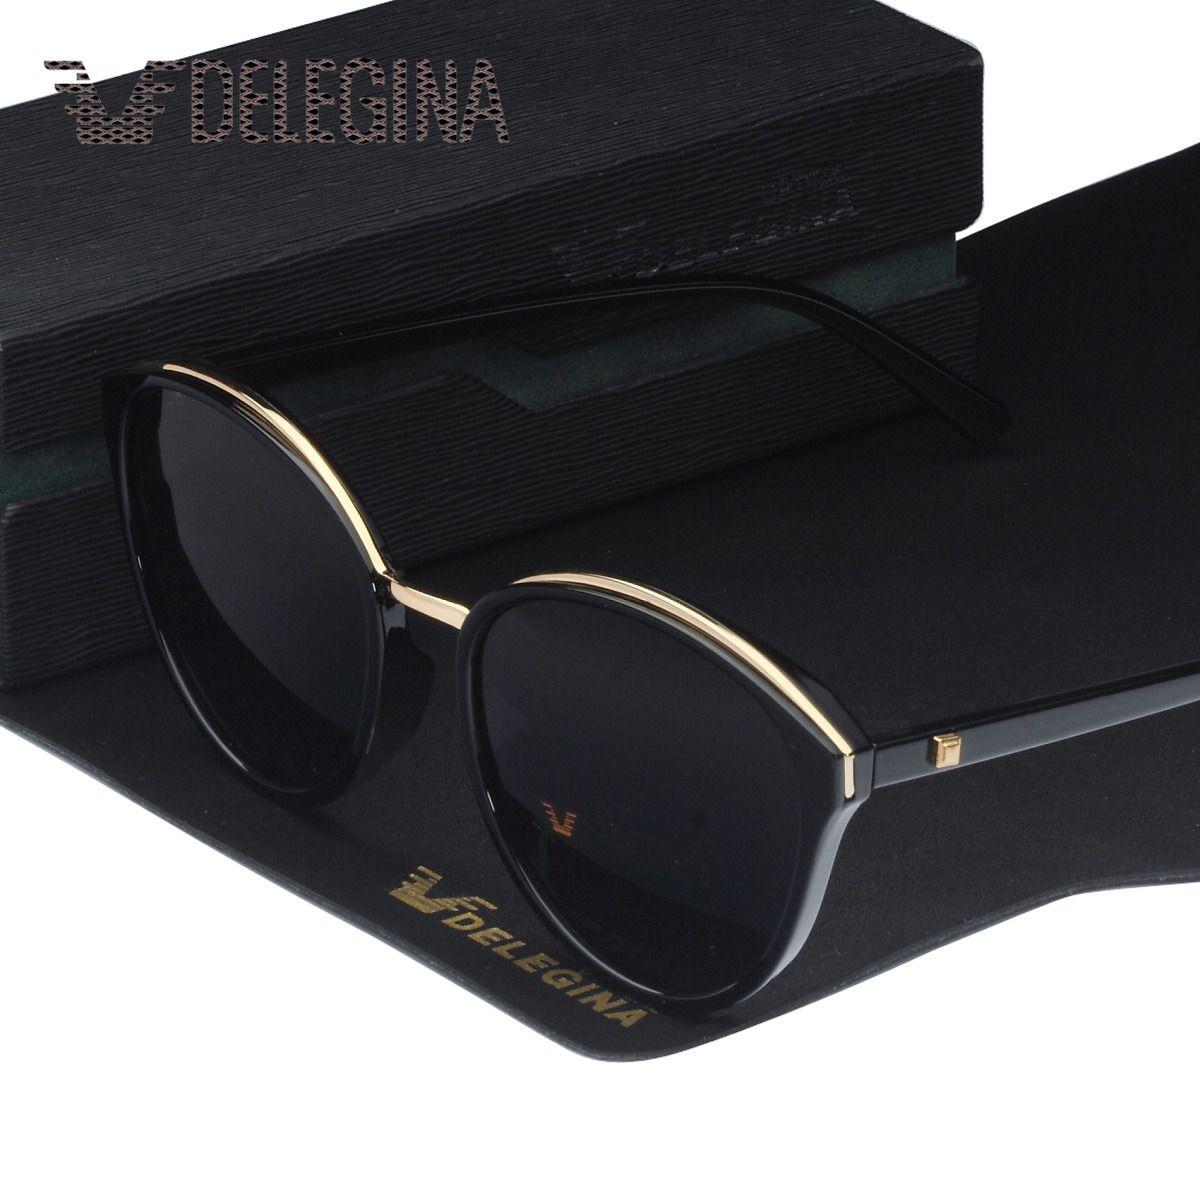 숙녀 패션 편광 된 선글라스 고양이 스타일 태양 안경 여성용 큰 그늘 UV400 검정 투명한 Oculos